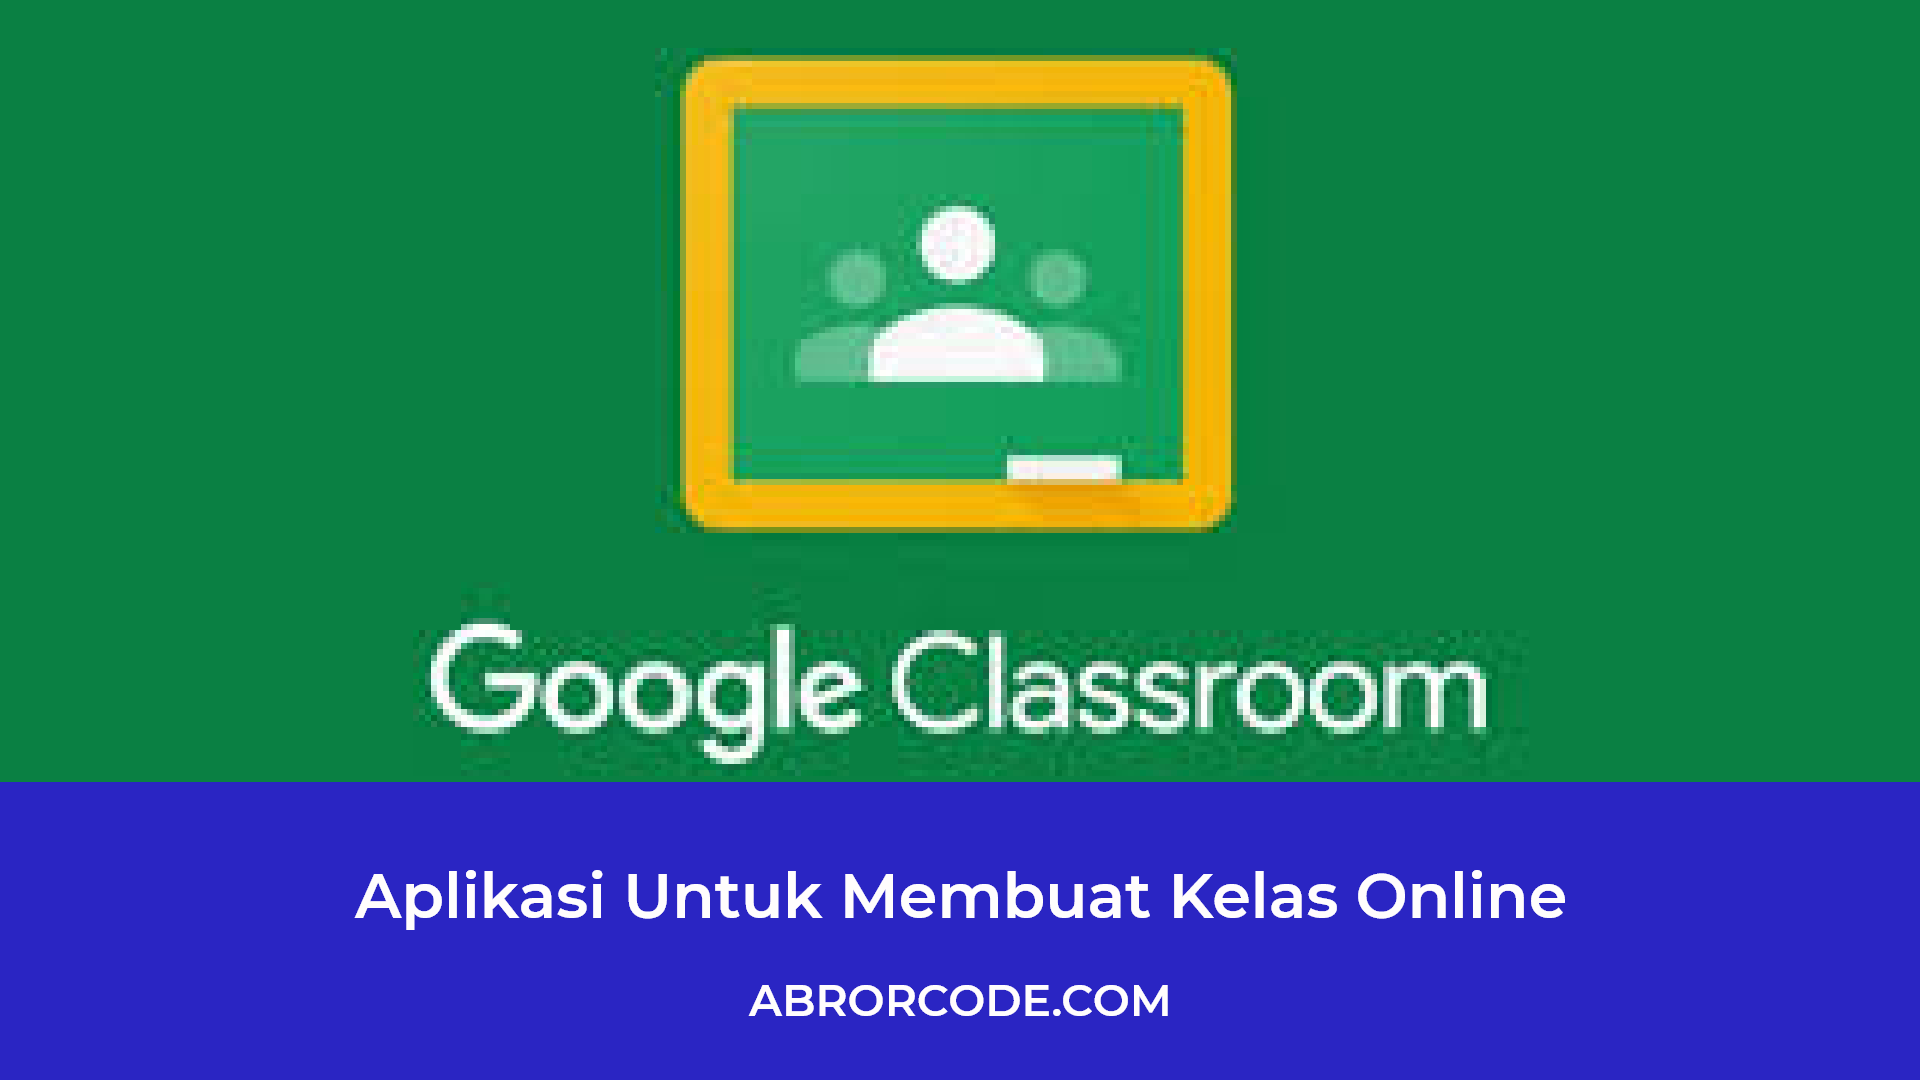 Aplikasi Untuk Membuat Kelas Online Di 2020 Pendidikan Aplikasi Belajar